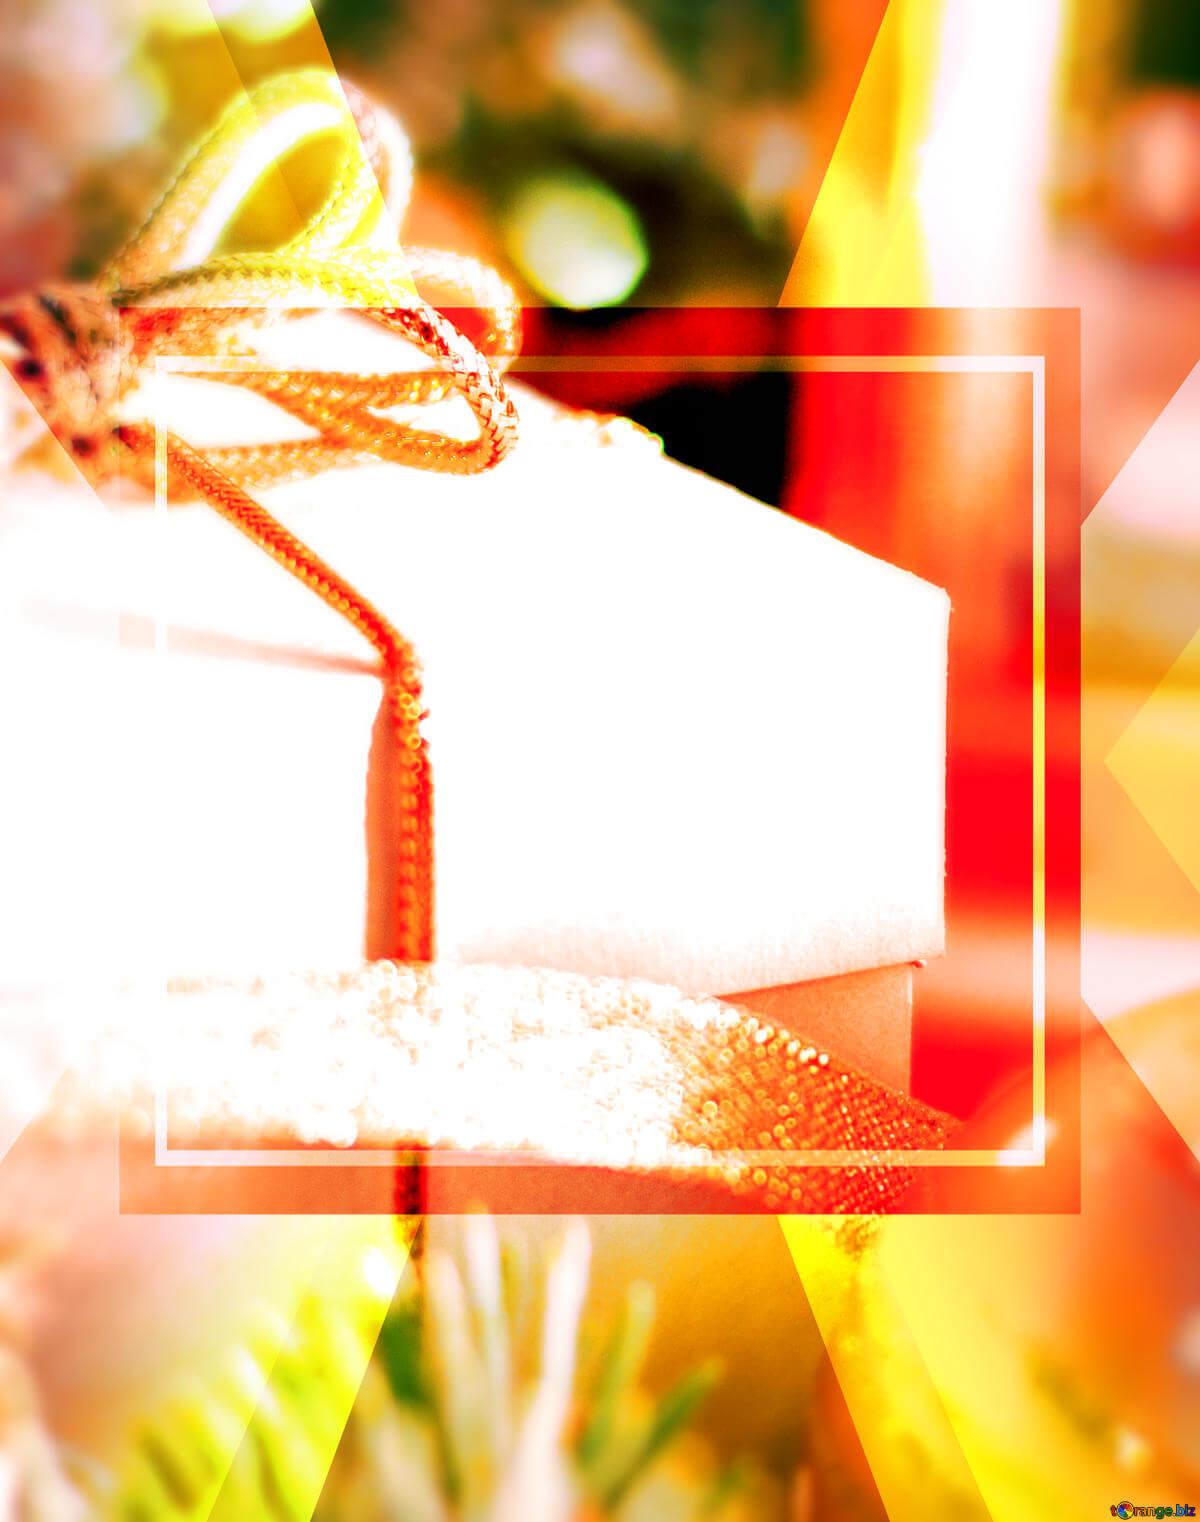 免费下载图片 New Year Greeting Card Gift Powerpoint Website Pertaining To Greeting Card Template Powerpoint